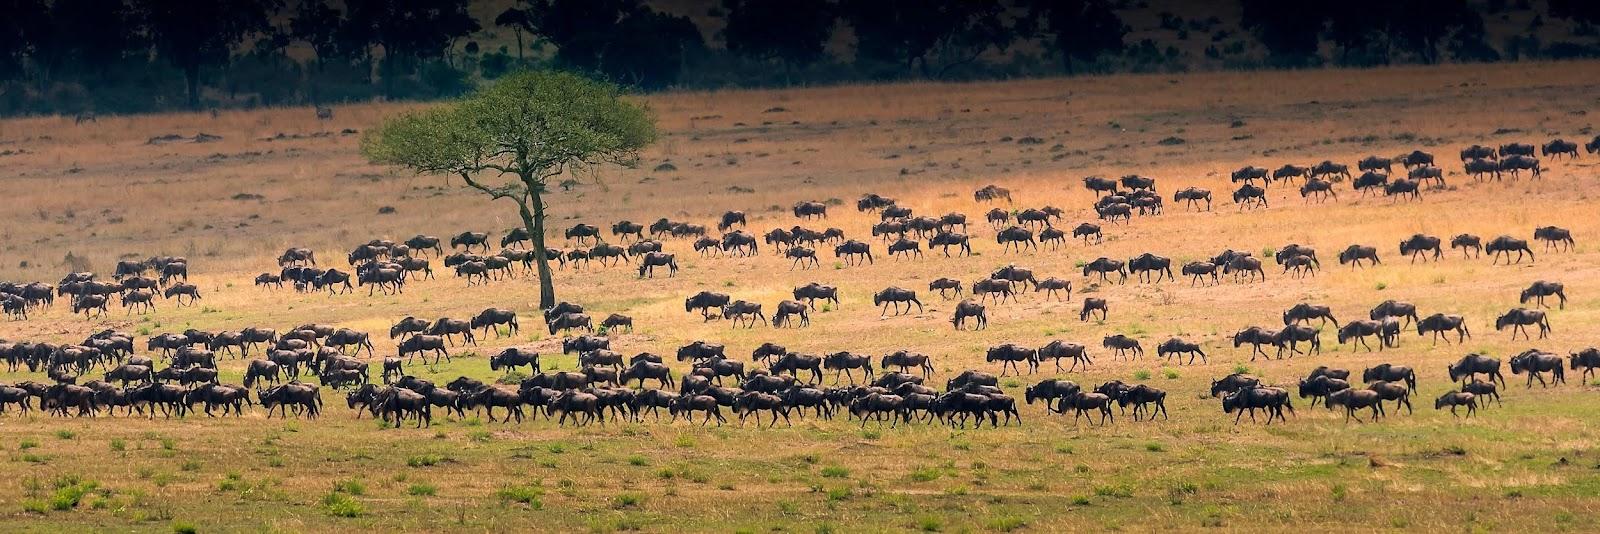 animals in safari